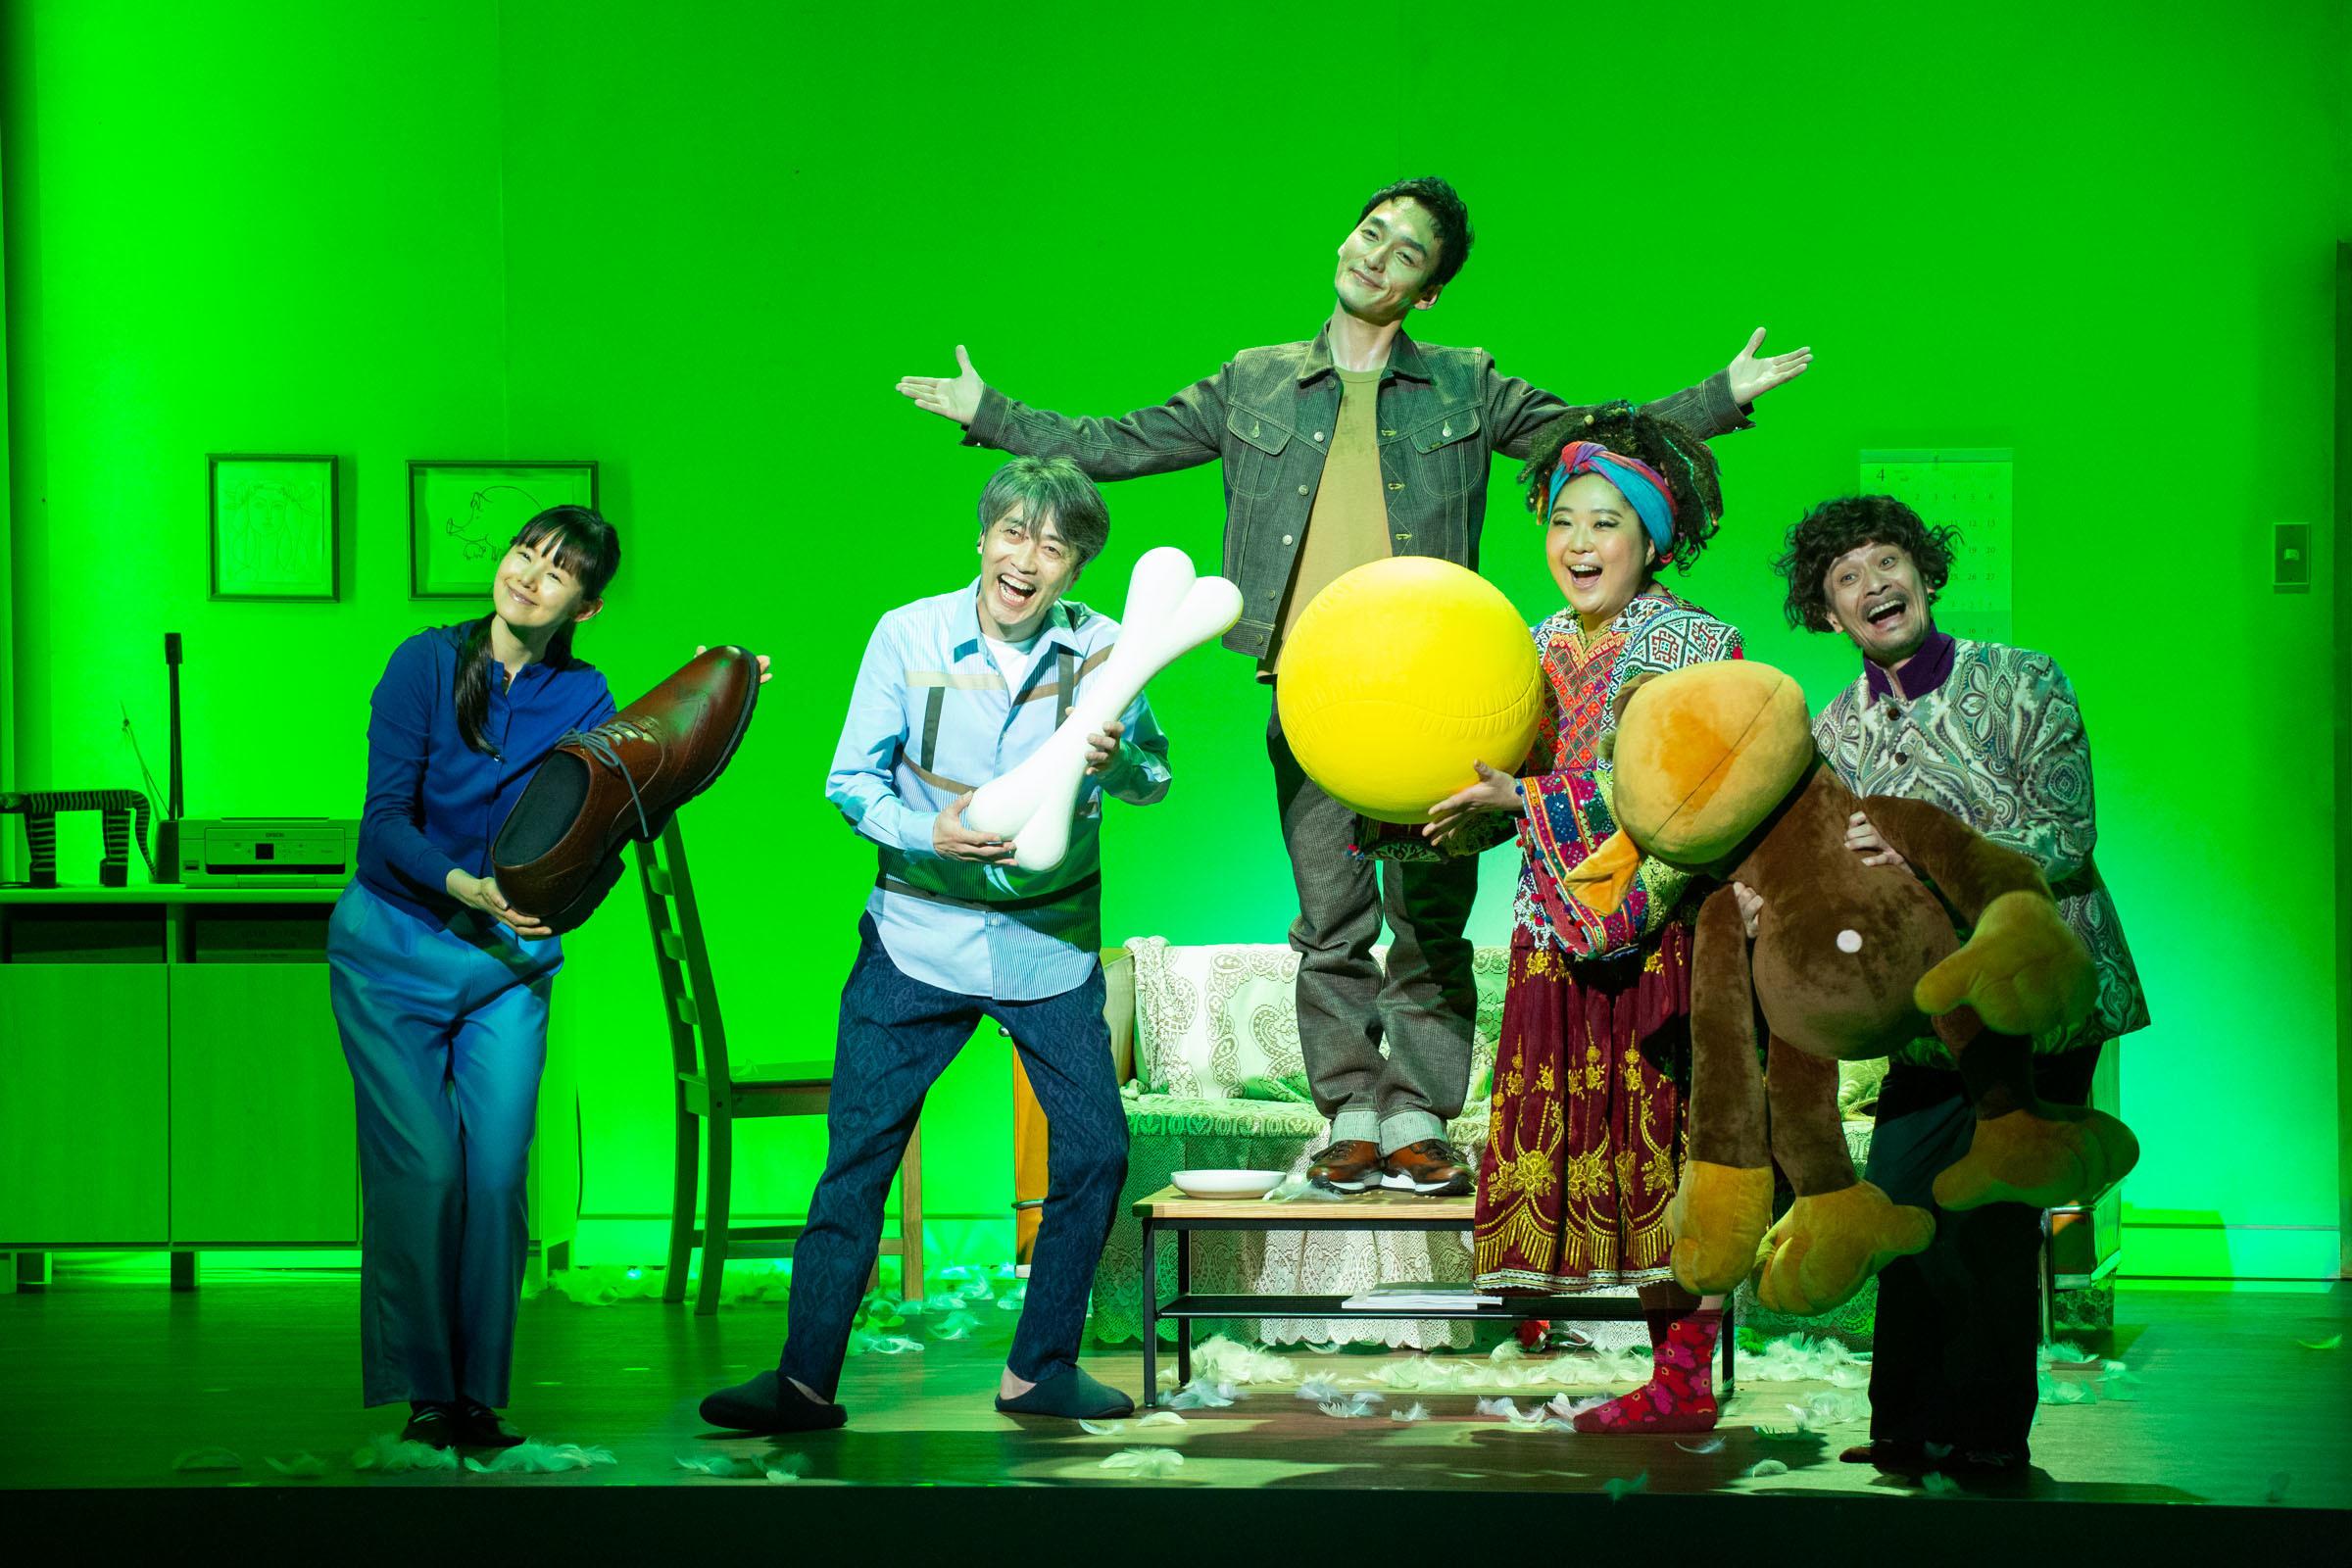 (左から)小西真奈美、池田成志、草彅剛、小林きな子、畠中洋 撮影:内池秀人